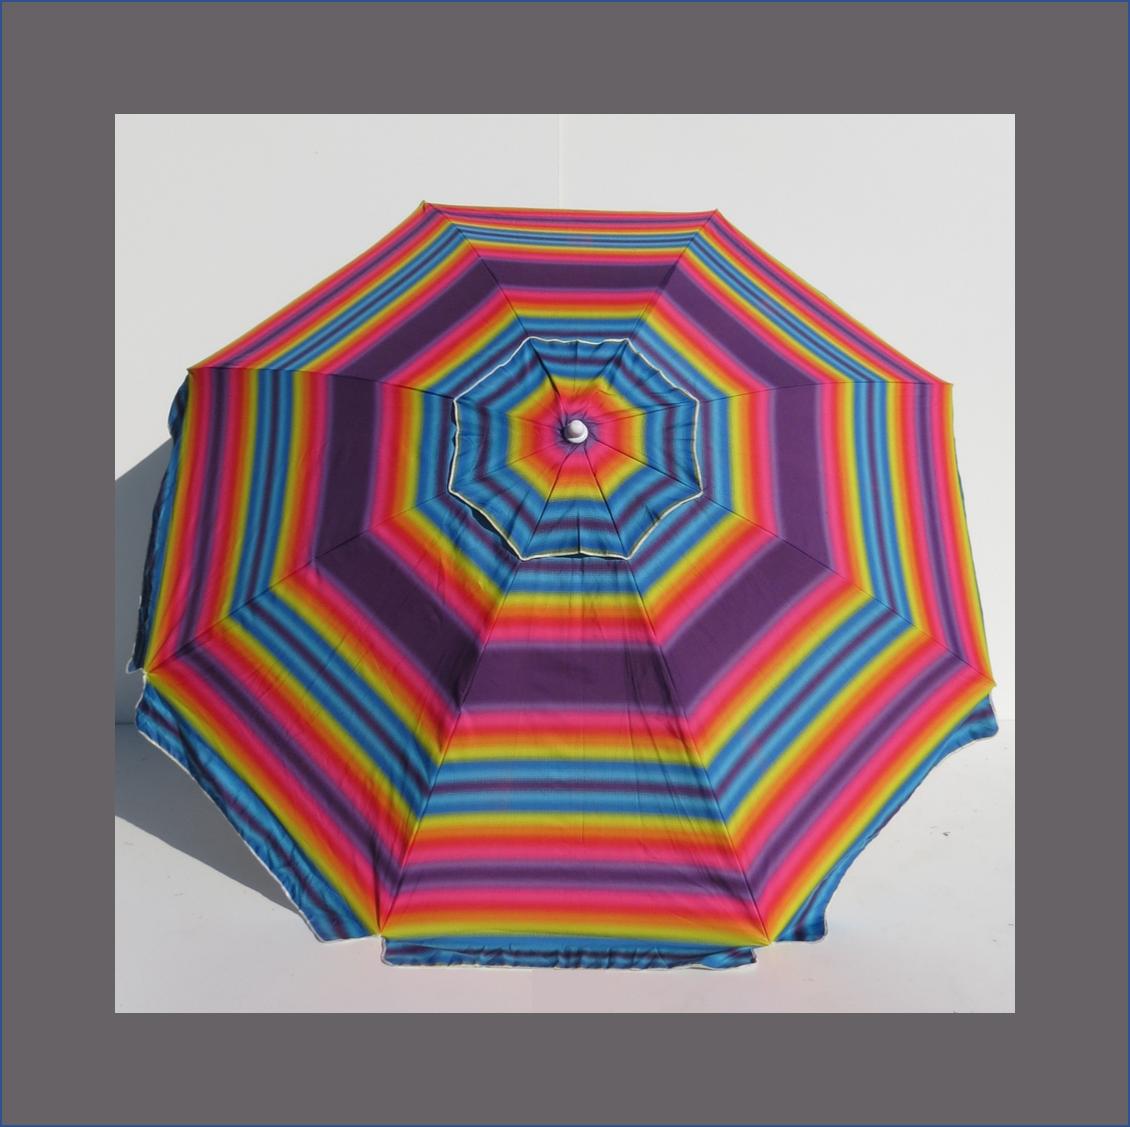 beach-umbrella-colour